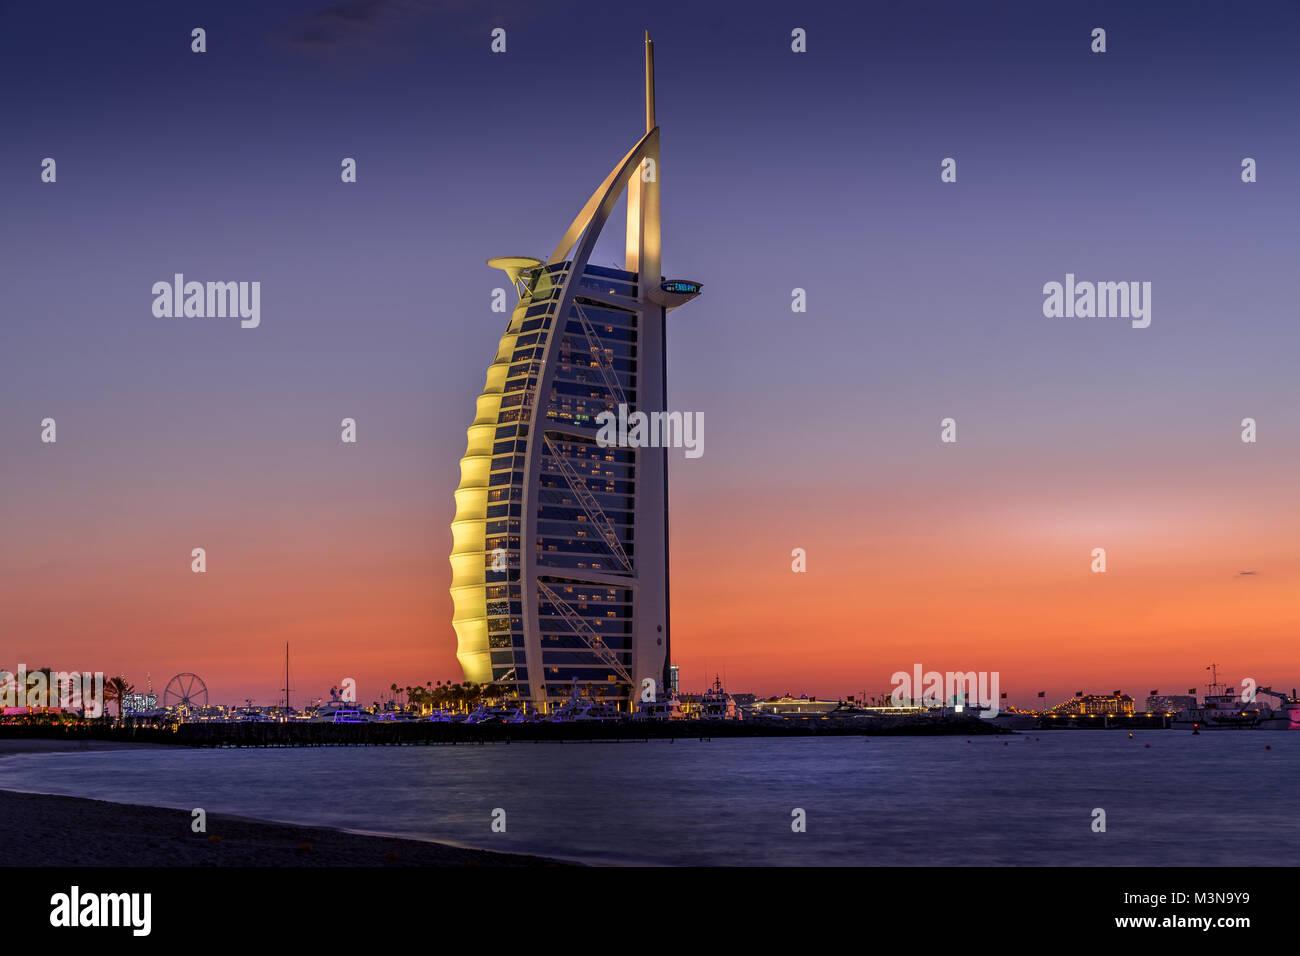 Dubai, Emiratos Árabes Unidos - Jan 10, 2018. Vista de la puesta de sol de Burj Al Arab, el hotel de la playa Imagen De Stock